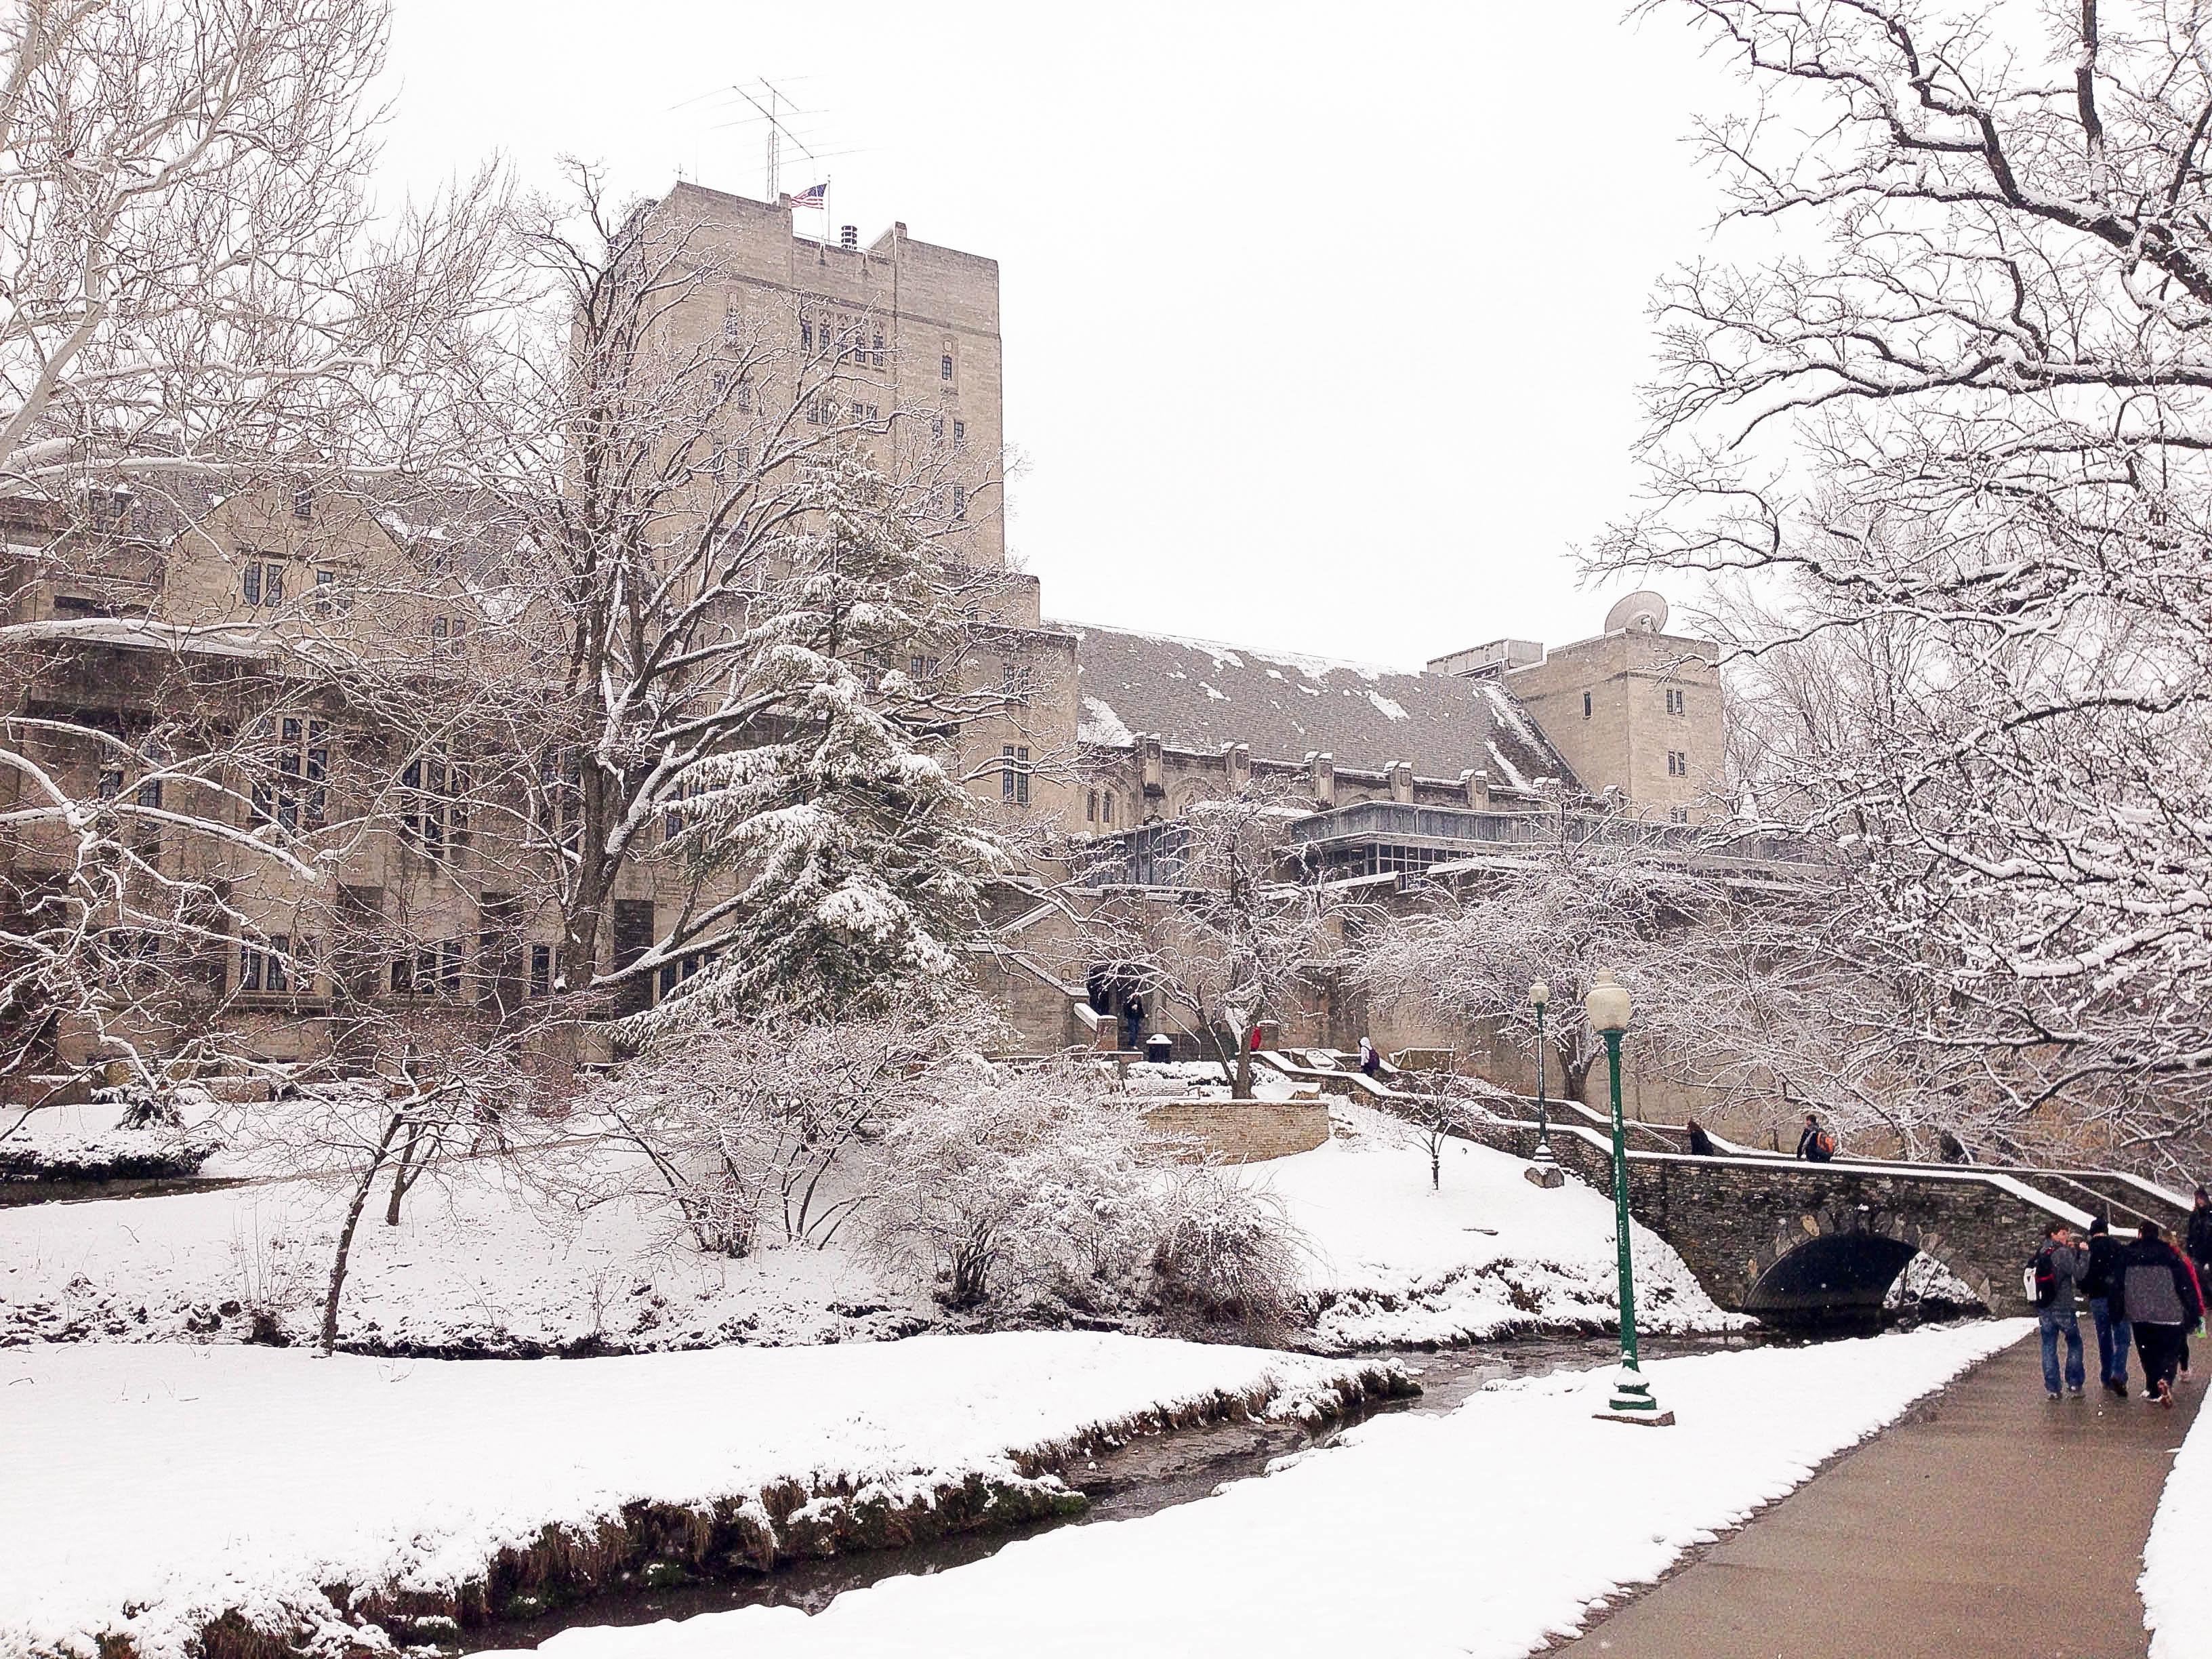 Vẻ đẹp của Indiana Memorial Union dưới tuyết, đây cũng là 1 trong 5 MU lớn nhất nước Mỹ, với diện tích hơn 46.5 nghìn mét vuông (500,000 sq. ft.) (imu.indiana.edu).